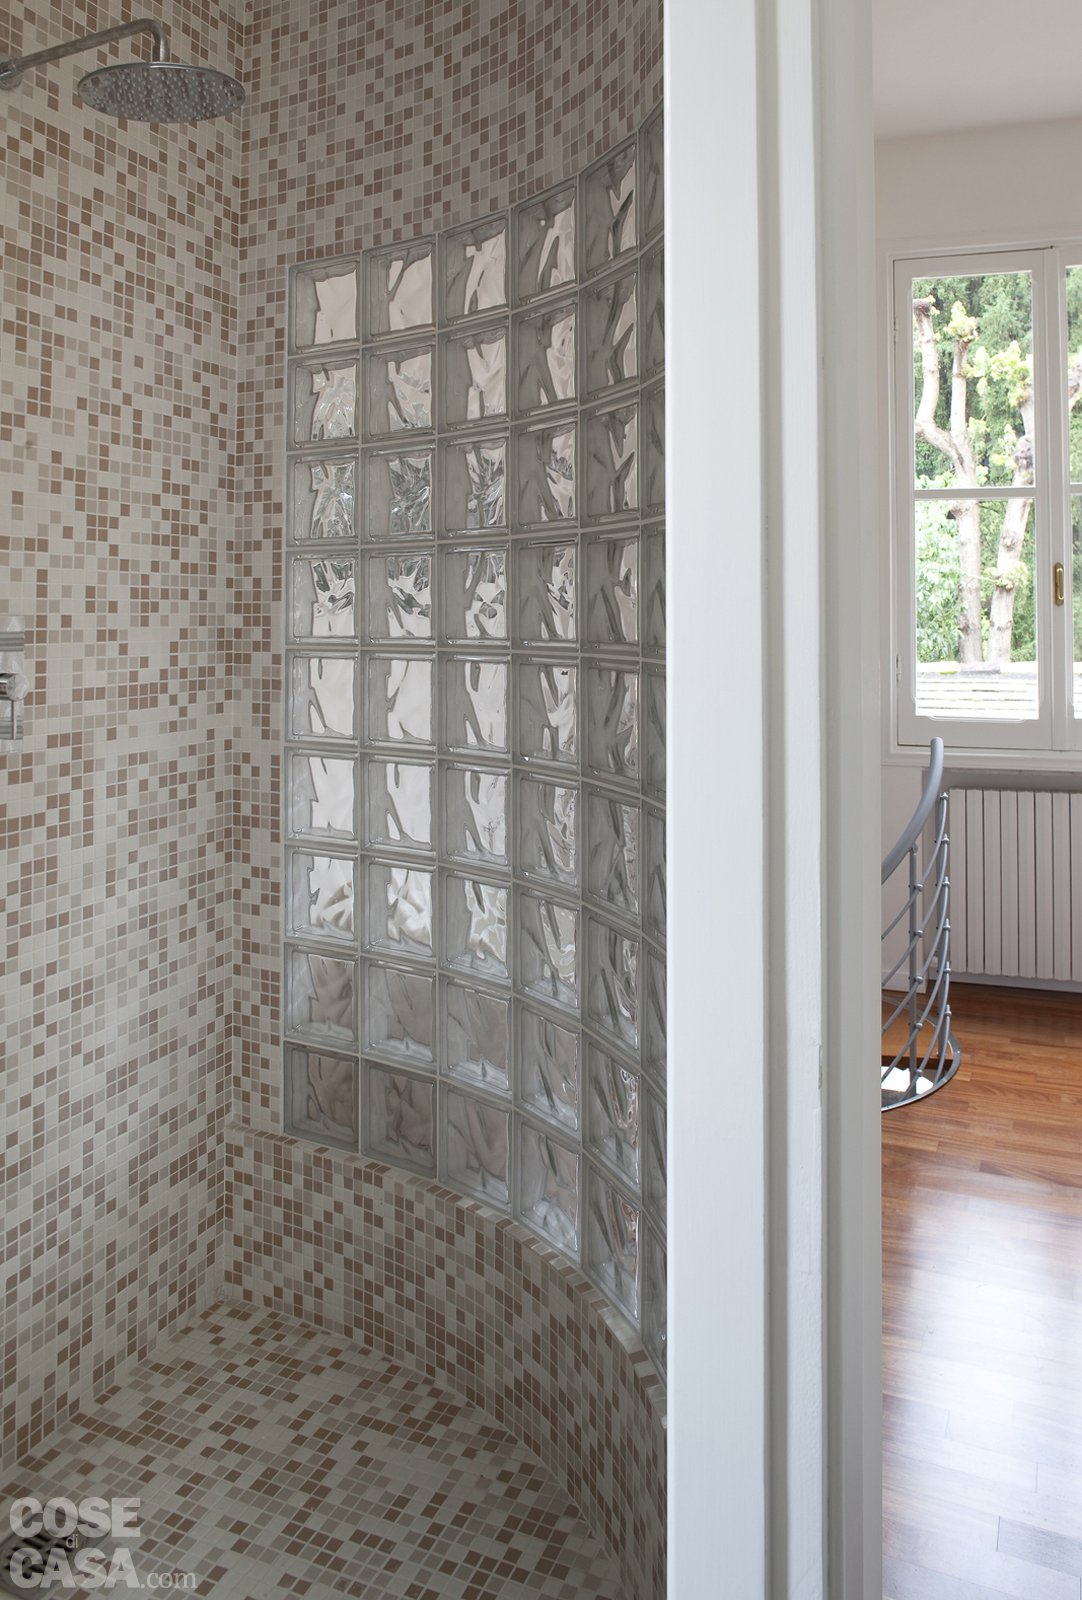 48 mq bilocale su due livelli cose di casa - Piatto doccia sassi ...